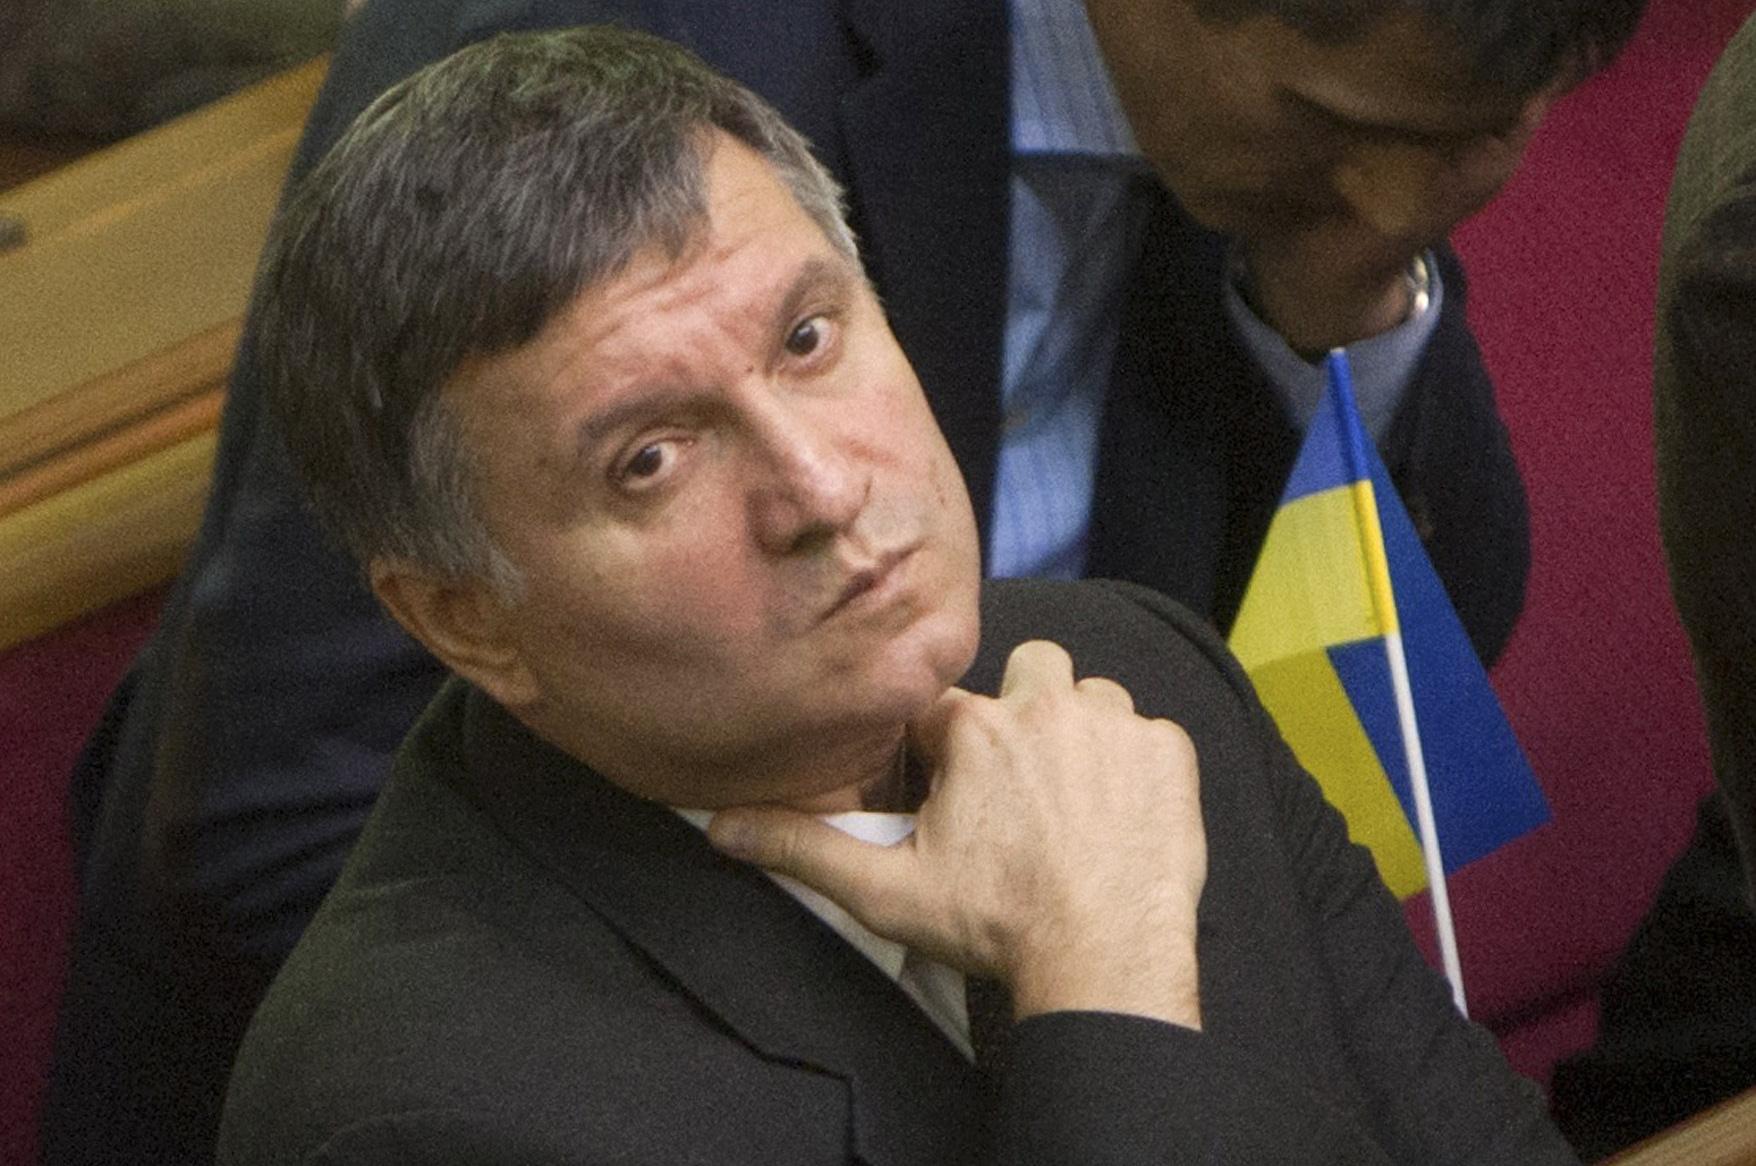 Шатун для Авакова: ждать ли отставки главы МВД